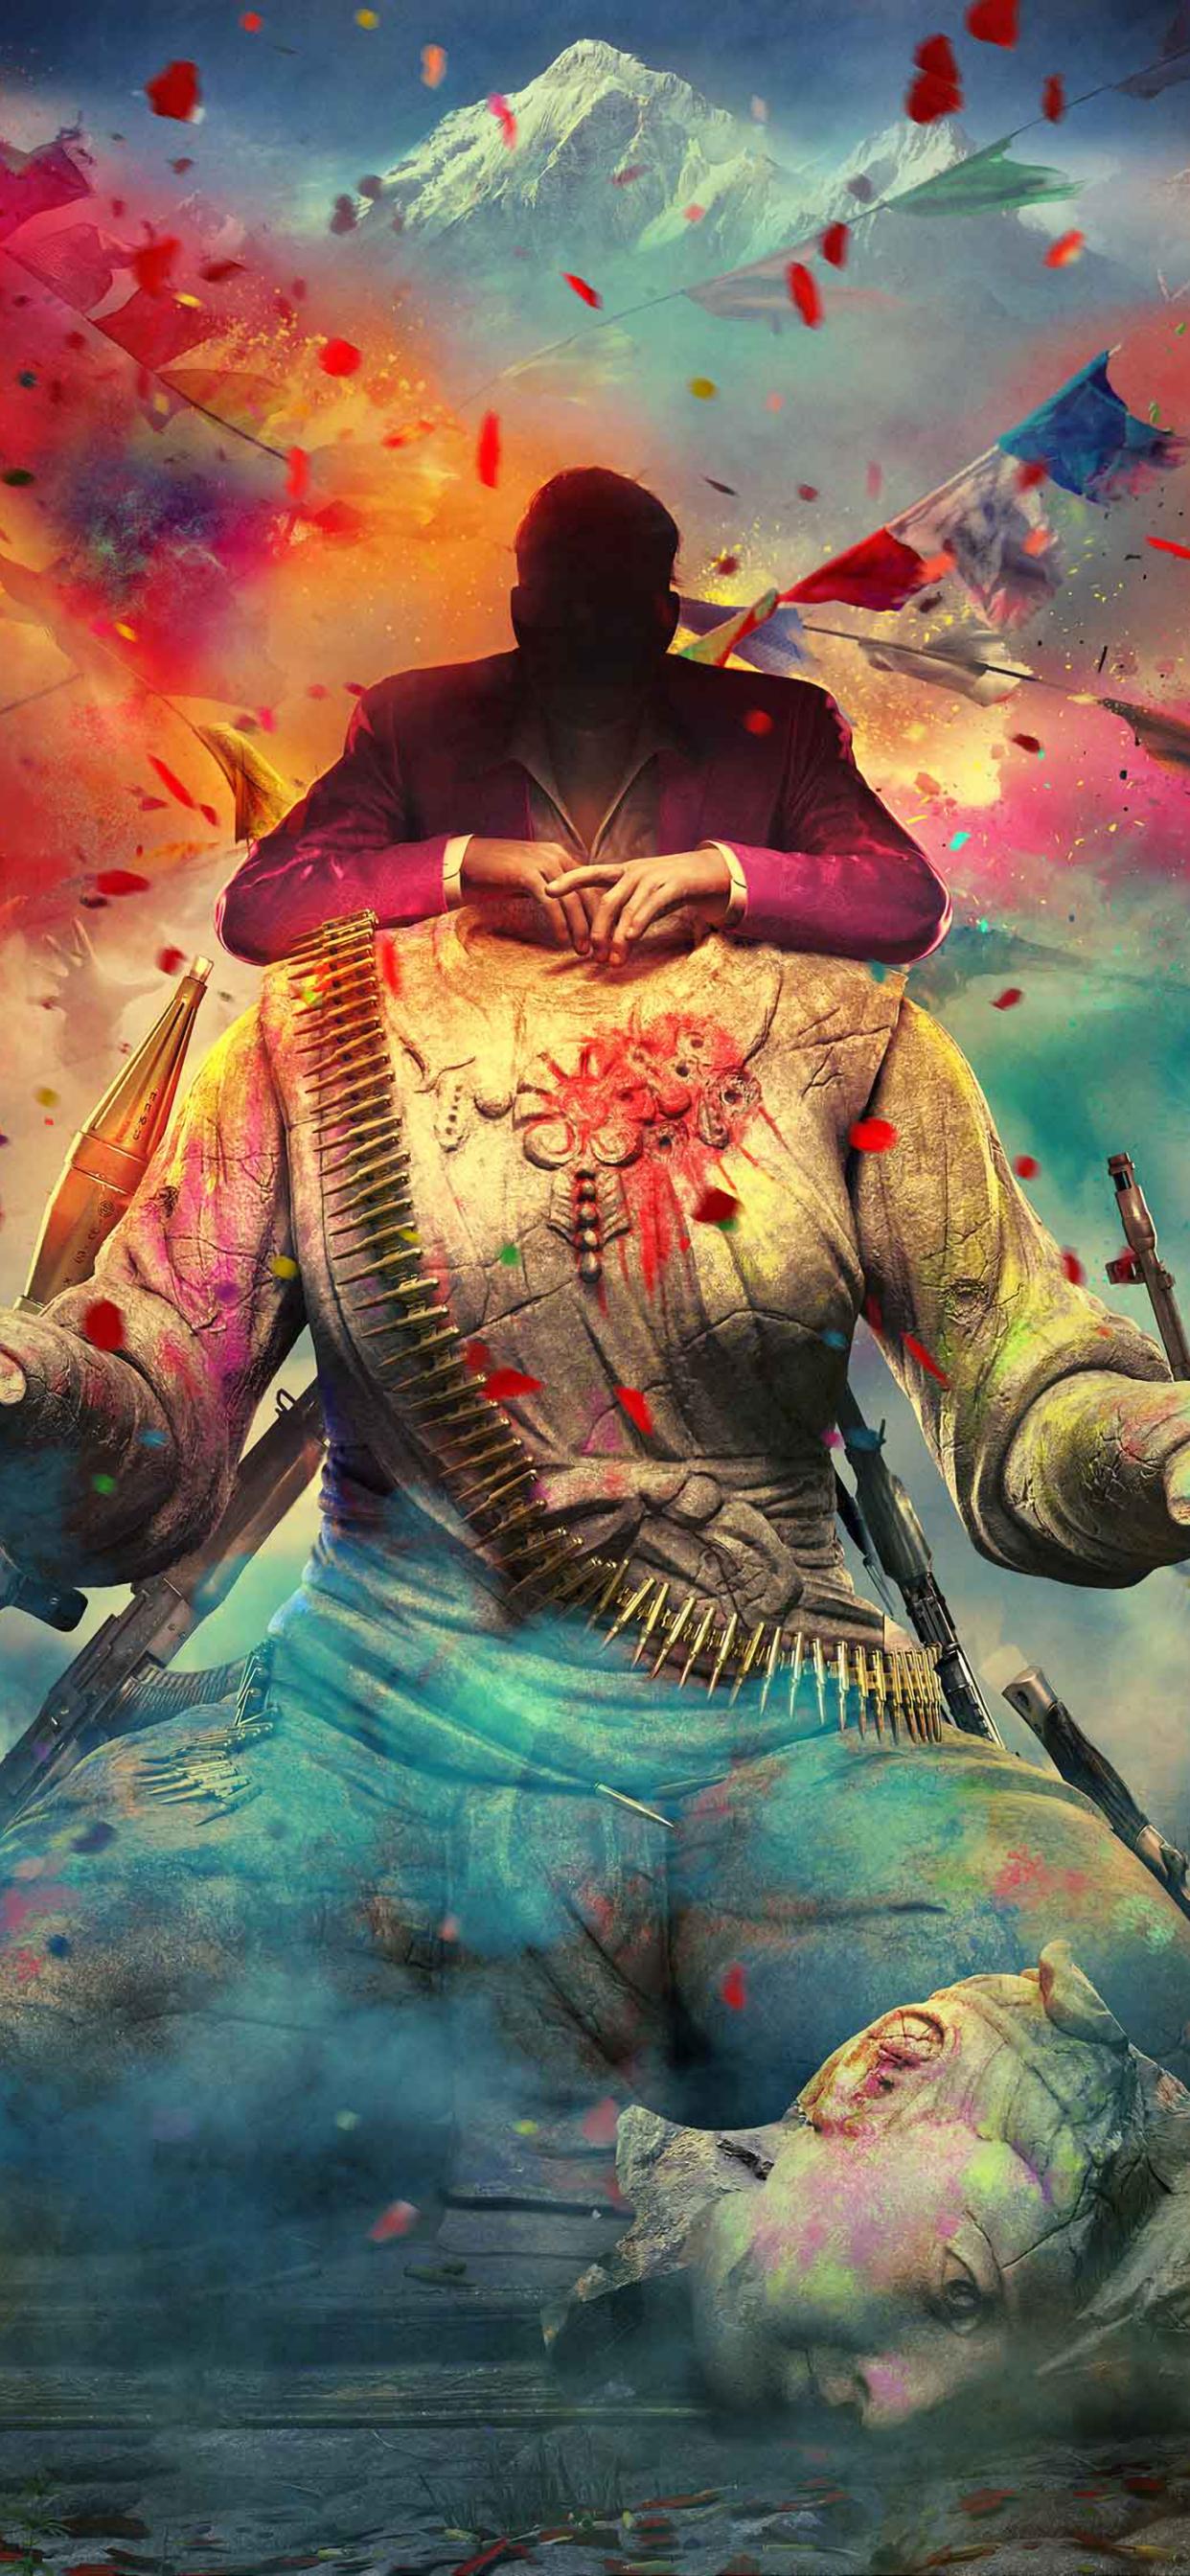 1242x2688 Far Cry Vaas And Pagan Iphone Xs Max Wallpaper Hd Games